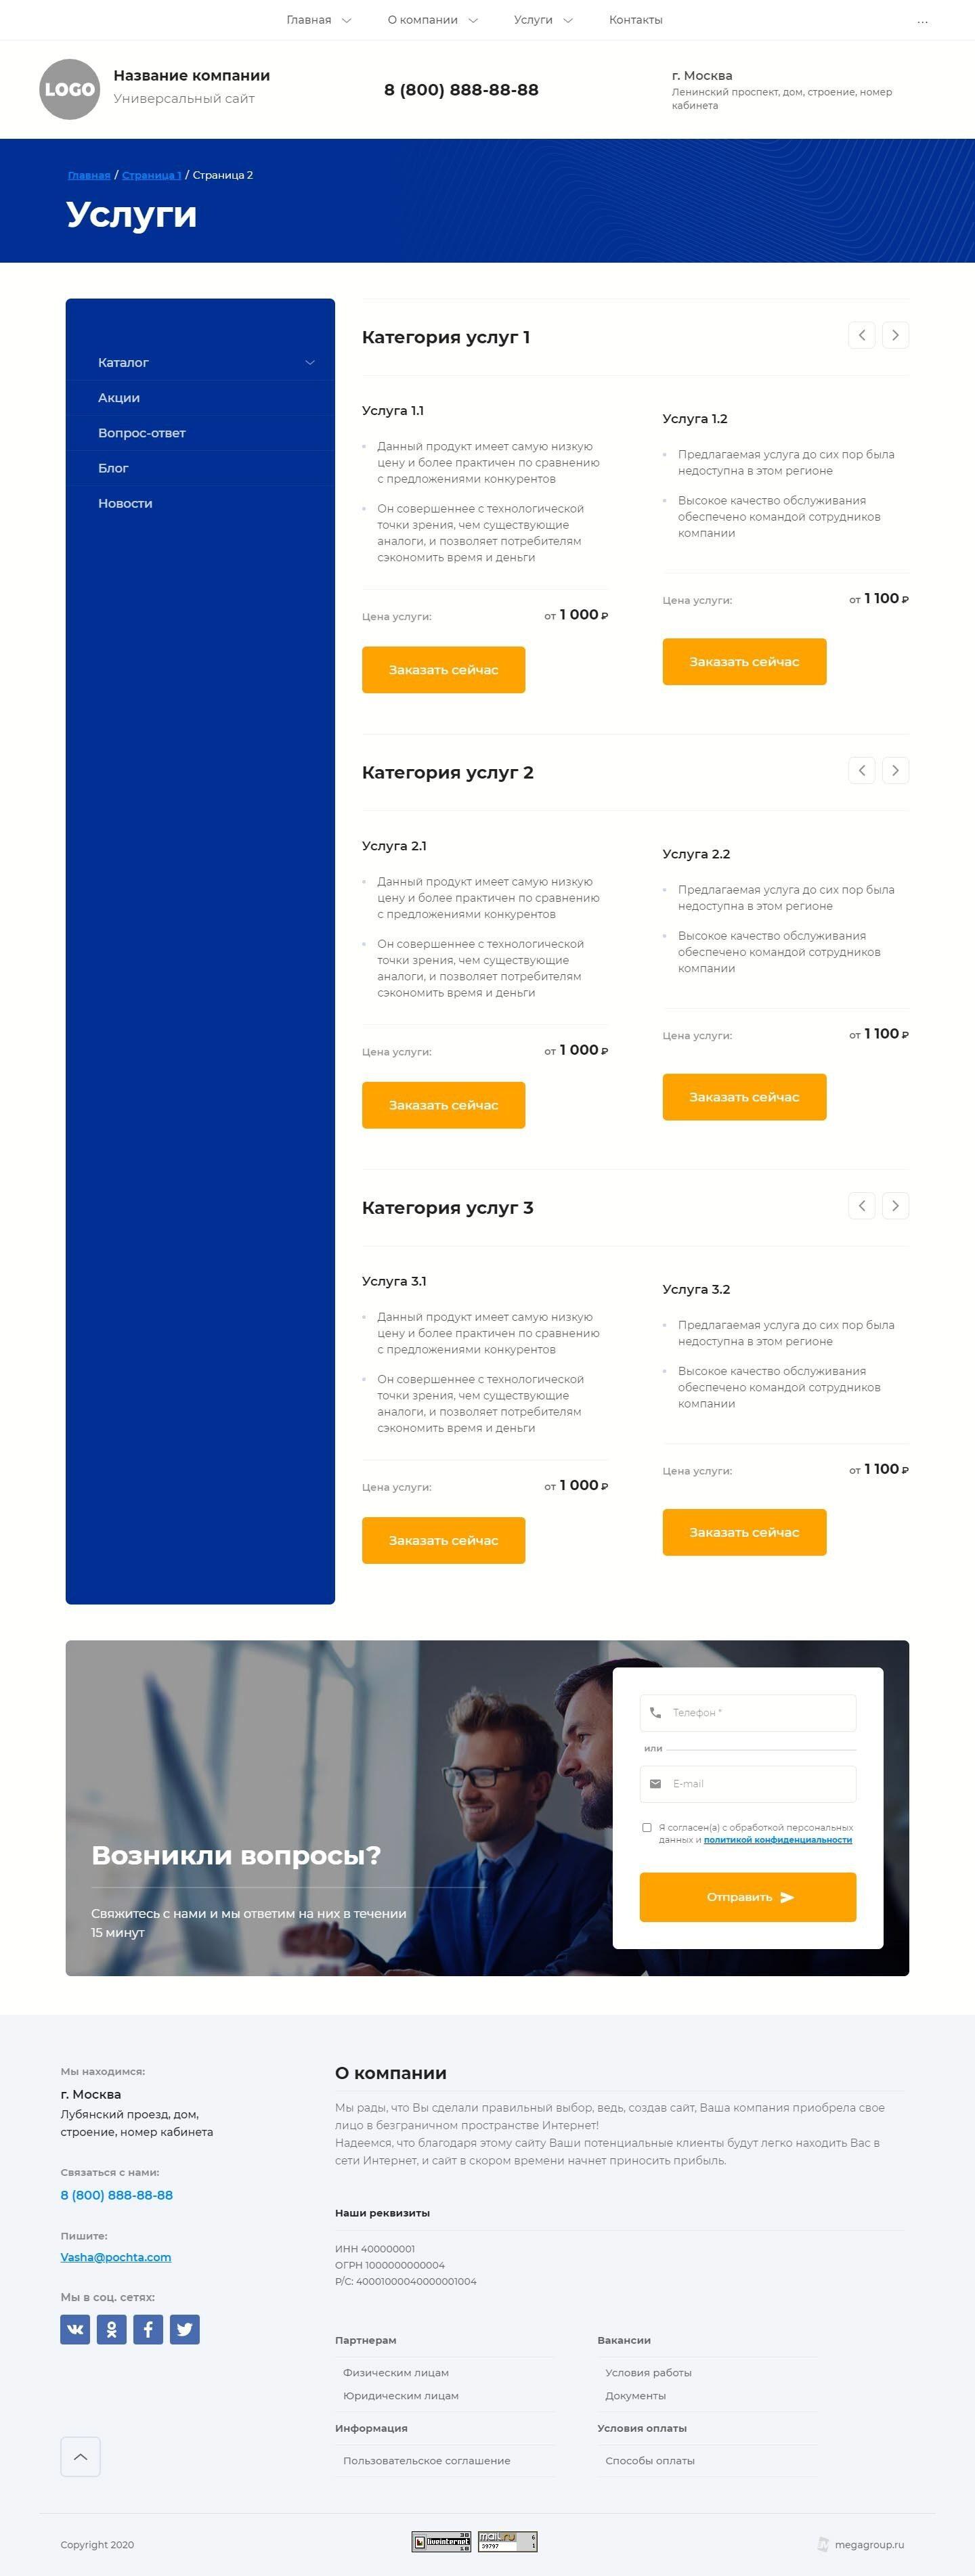 Готовый Сайт-Бизнес № 2908149 - Универсальный дизайн (Услуги)